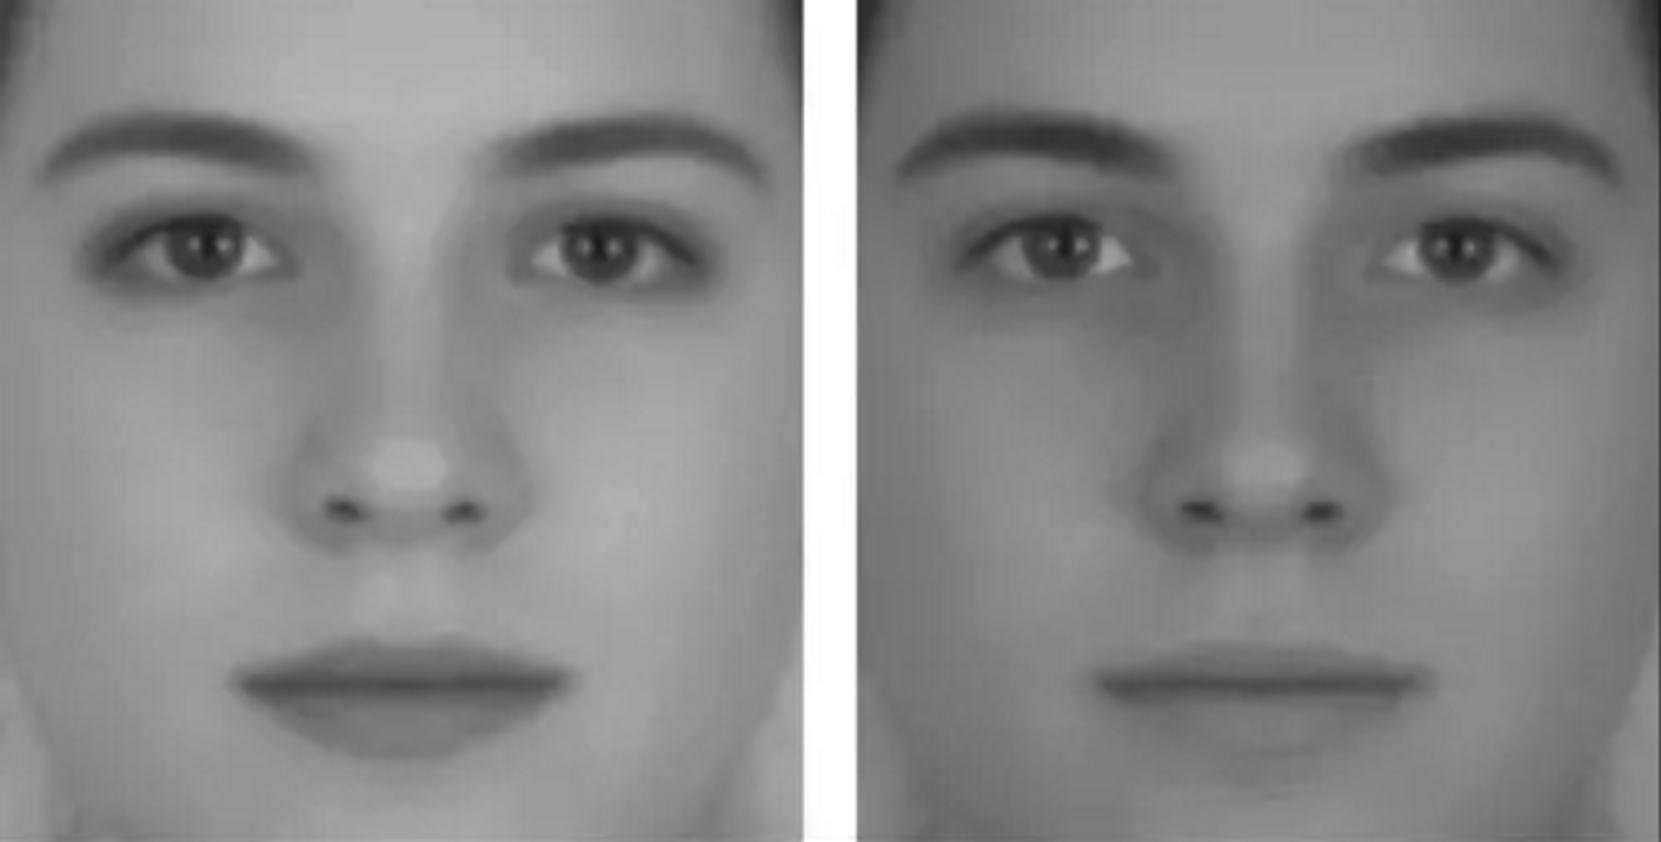 Dve tváre - optické ilúzie, ktoré pracujú s farebnosťou.